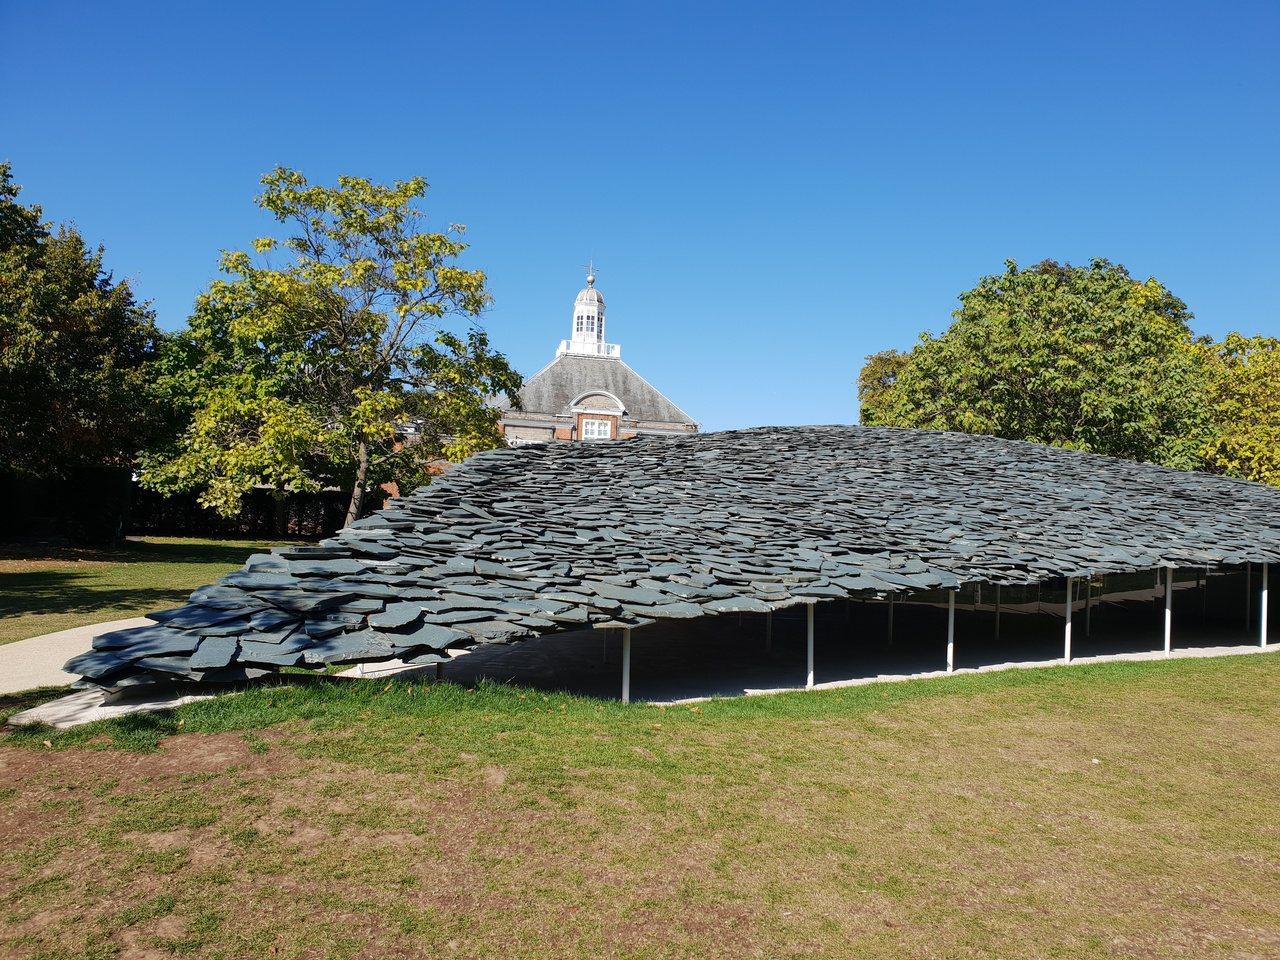 X-site計畫是北美館的實驗建築計畫,靈感源自倫敦肯辛頓公園內的蛇形藝廊。圖為...